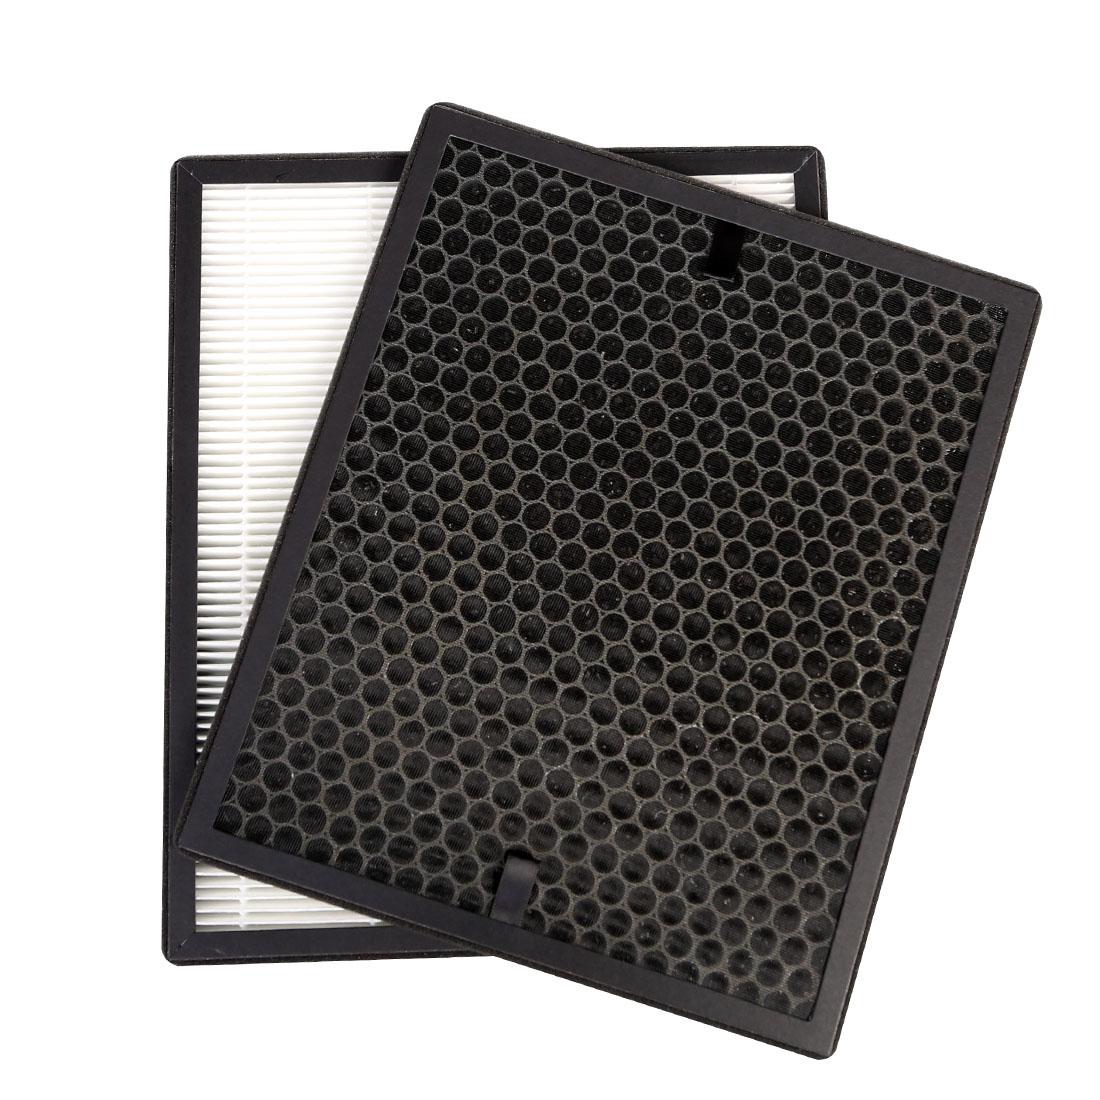 Zestaw filtrów HEPA i węglowy do urządzenia IDEAL AP 45 - OFILTRO Air Filter - HEPA H13 + Carbon - IDEAL AP 45